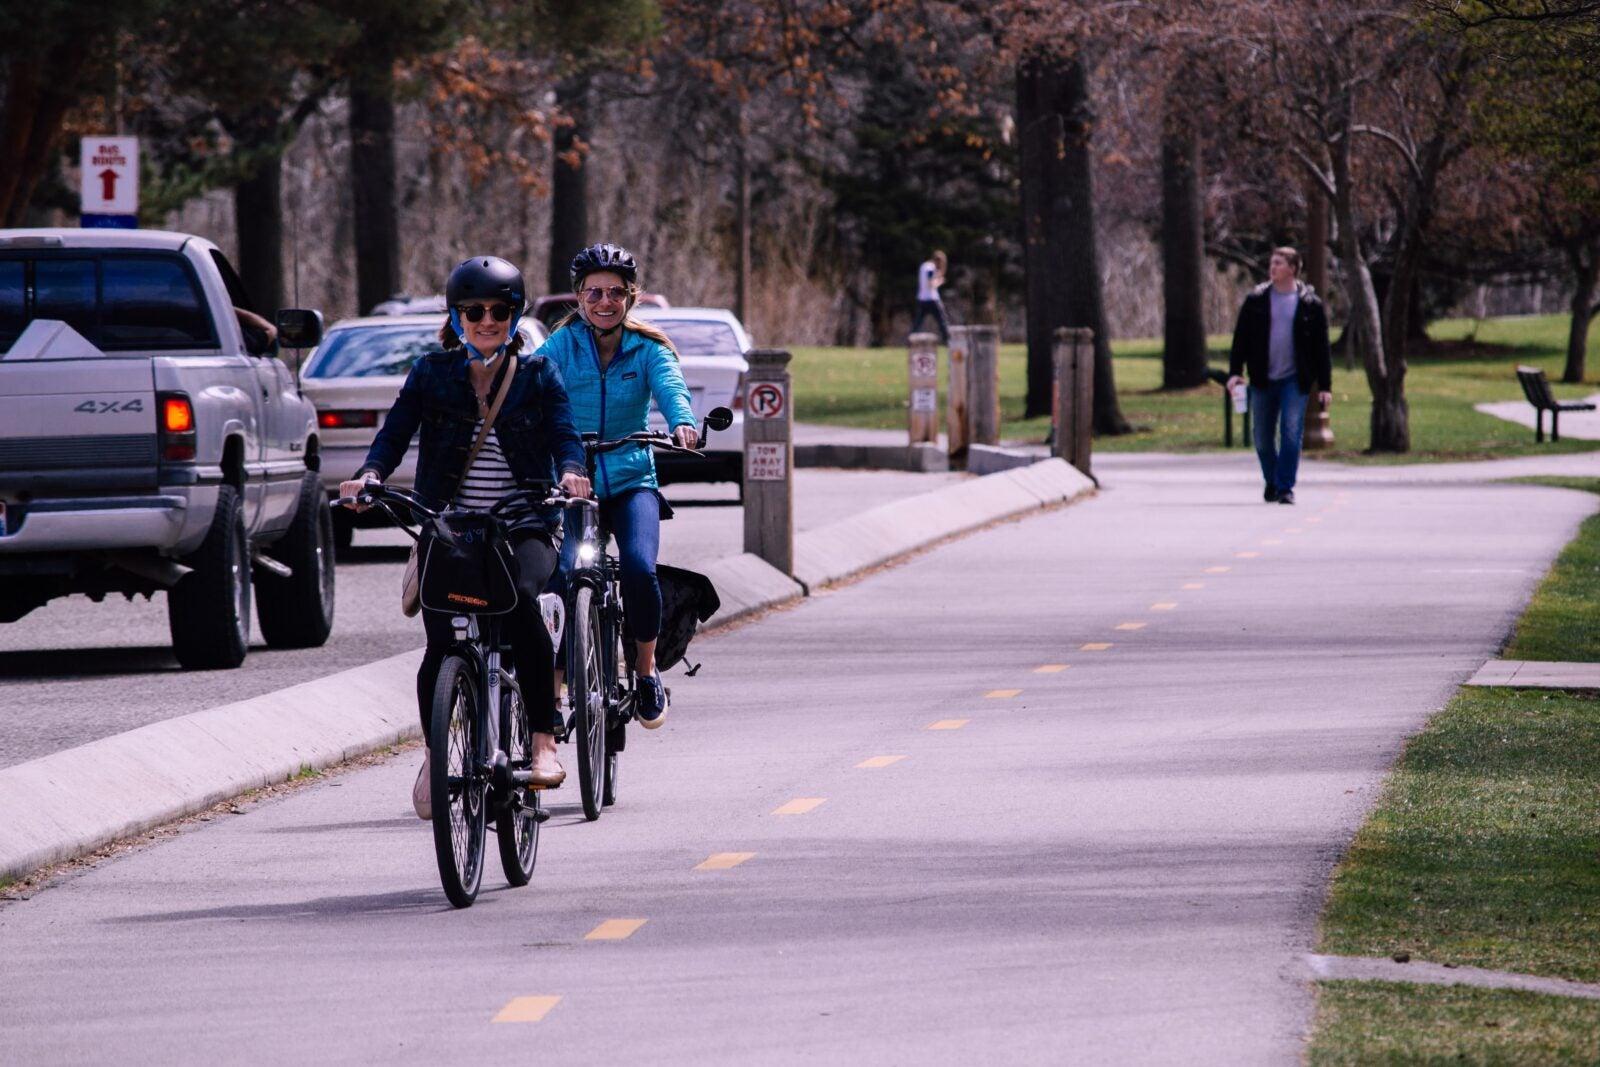 La bicicleta nos puede llevar hacia un futuro más sostenible e inclusivo tras la pandemia